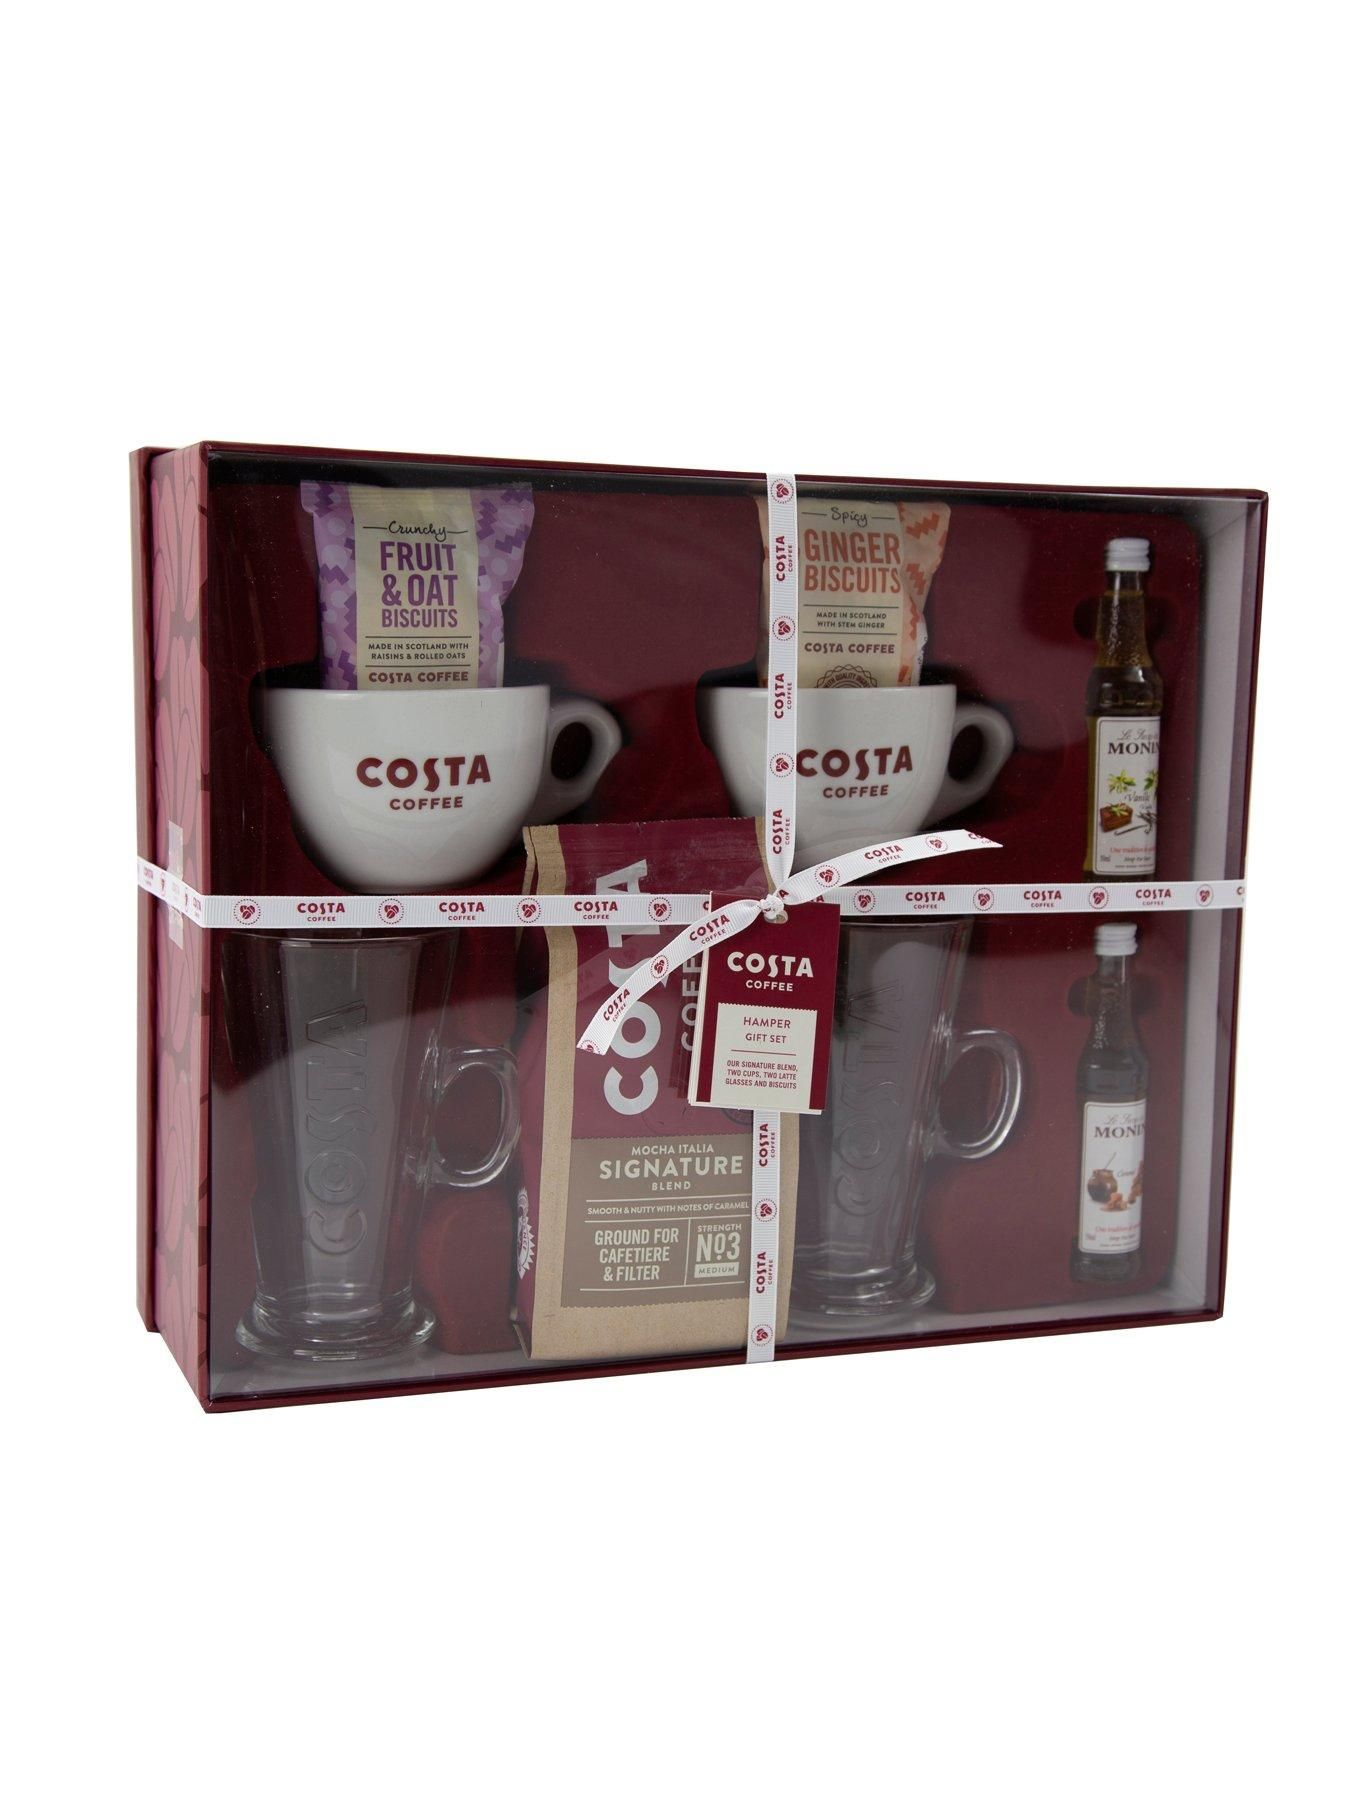 Costa Coffee Hamper Set Coffee hampers, Costa coffee, Hamper